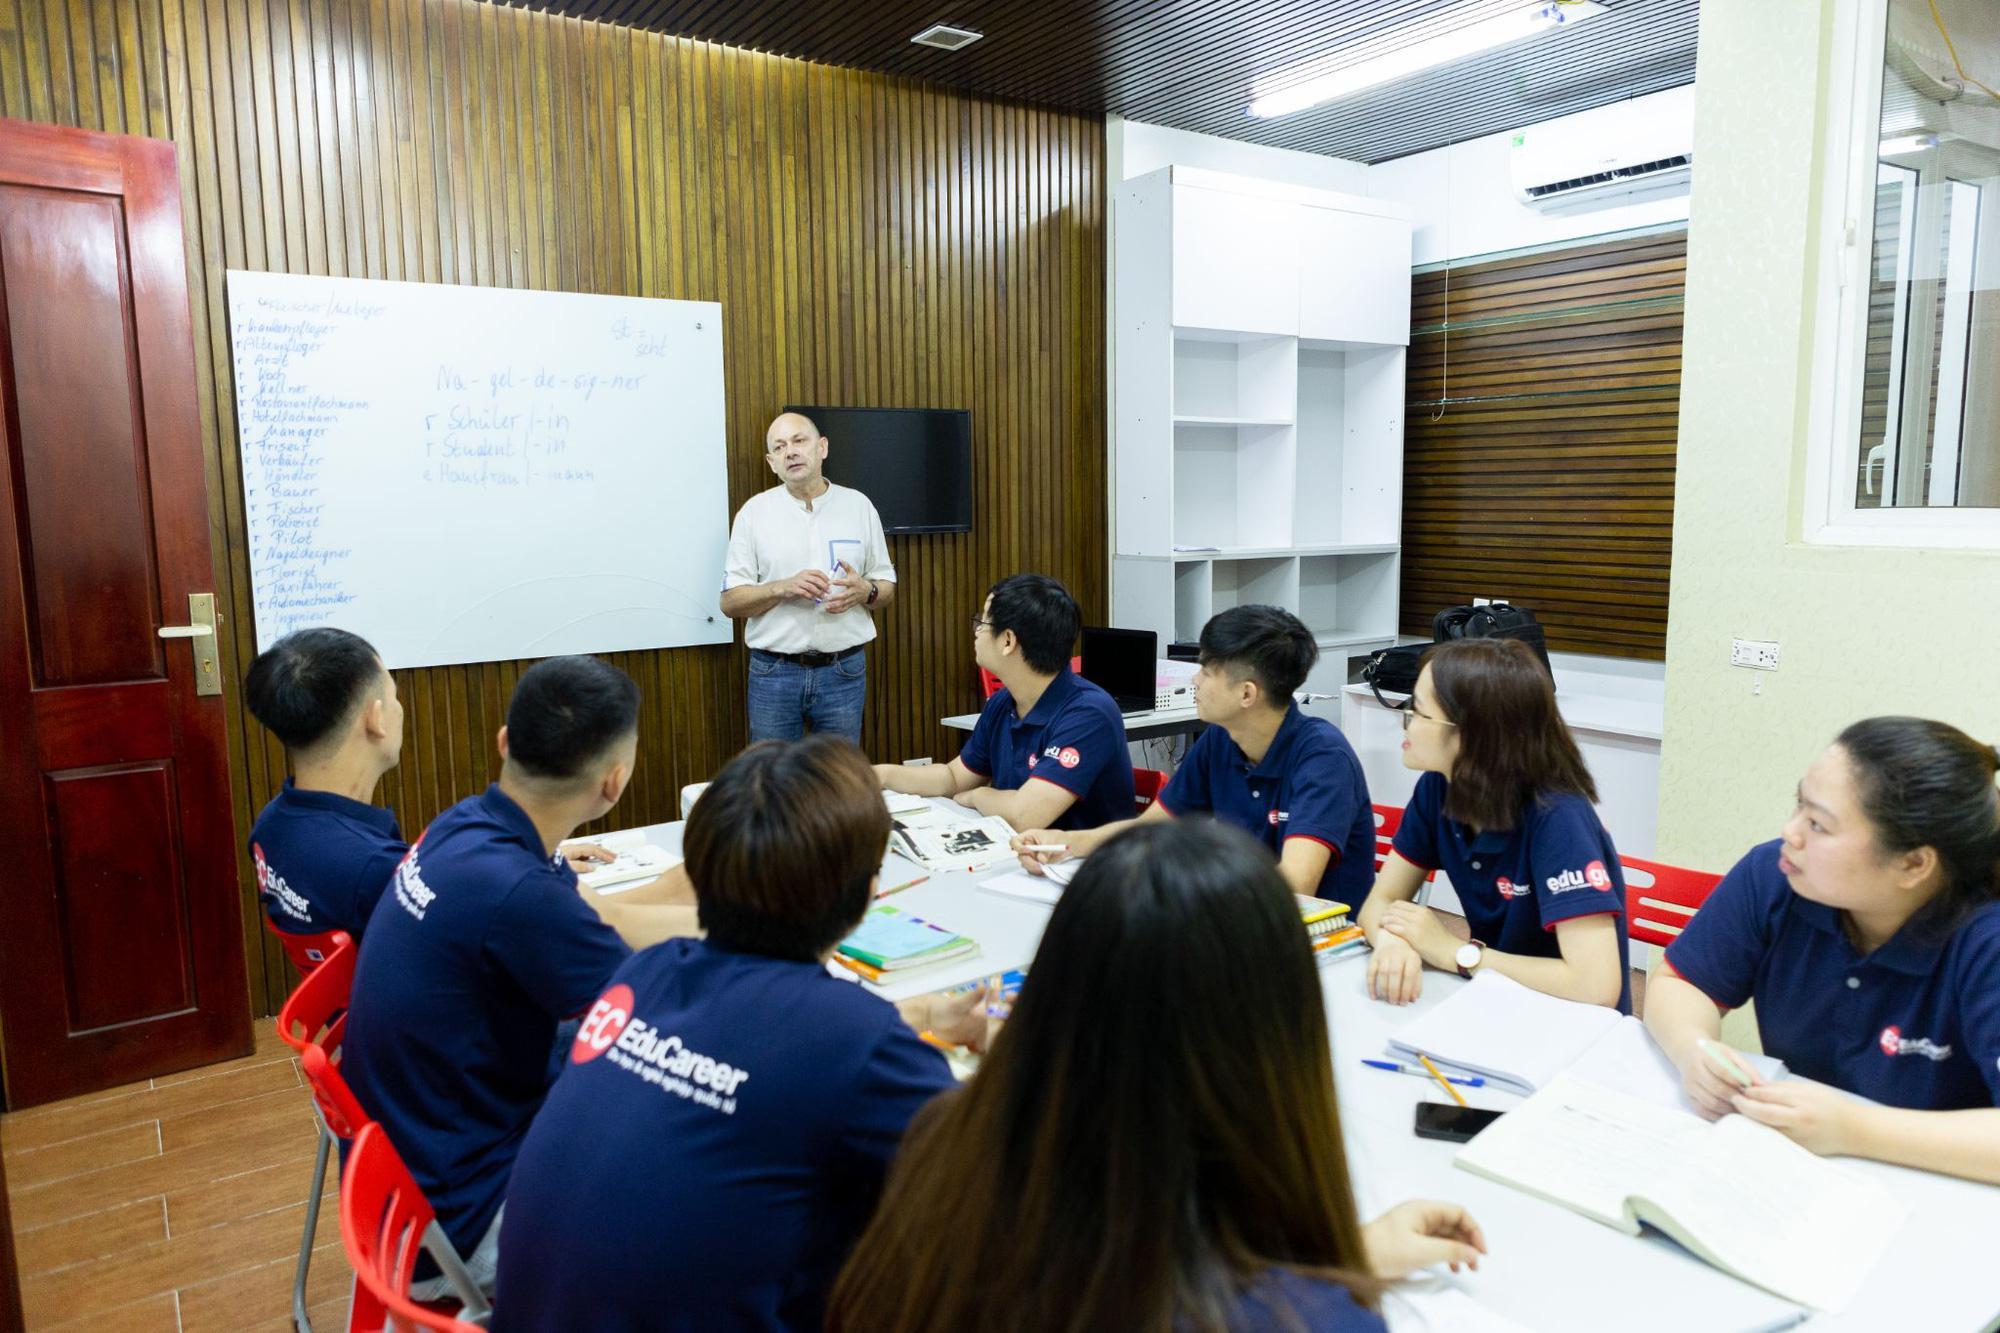 EduGo Group - Nơi chắp cánh ước mơ tới Đức của thế hệ trẻ Việt Nam - Ảnh 2.